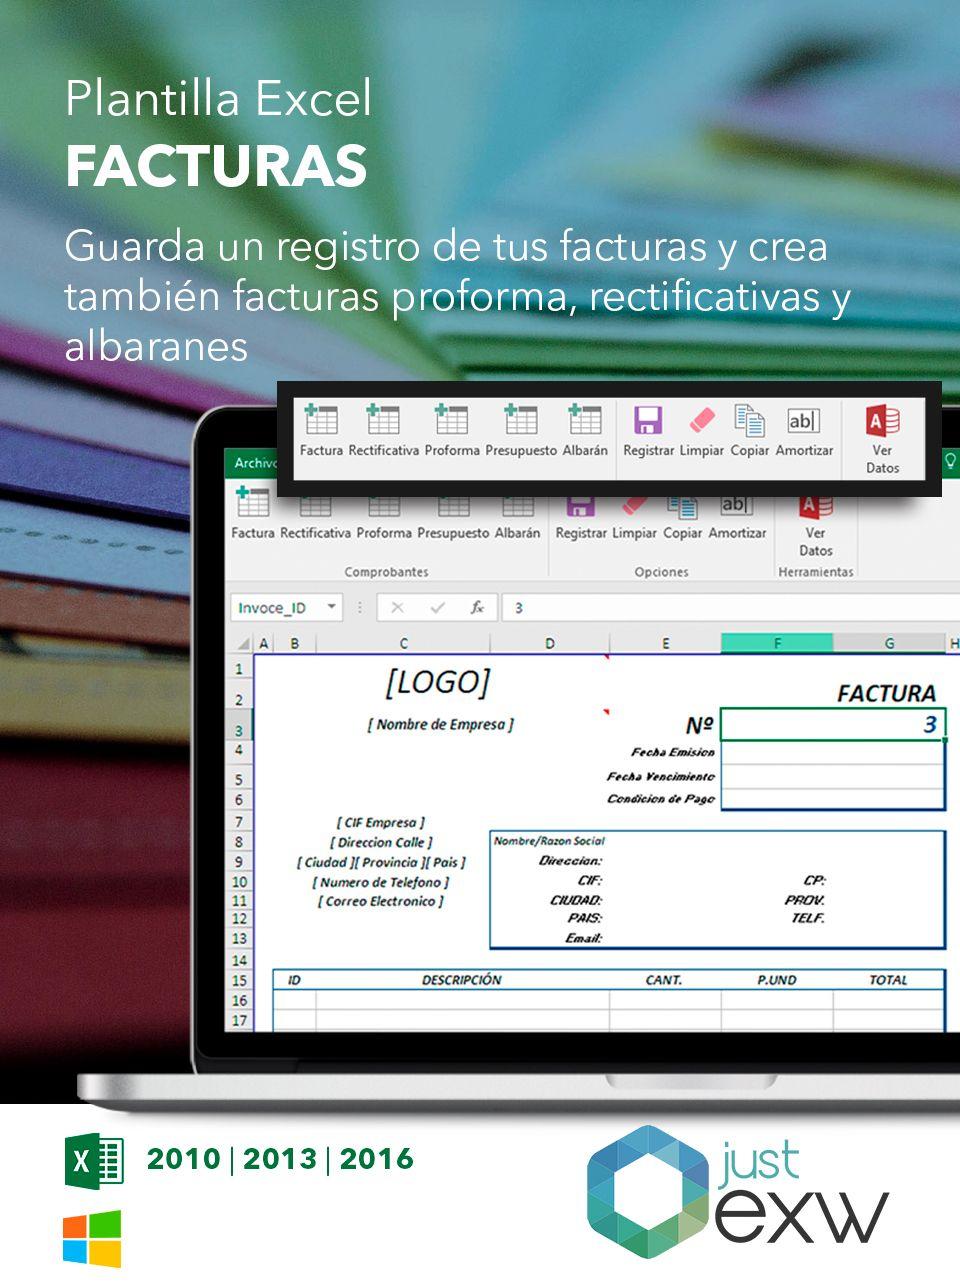 Plantilla de factura para Excel | Plantillas para descargar